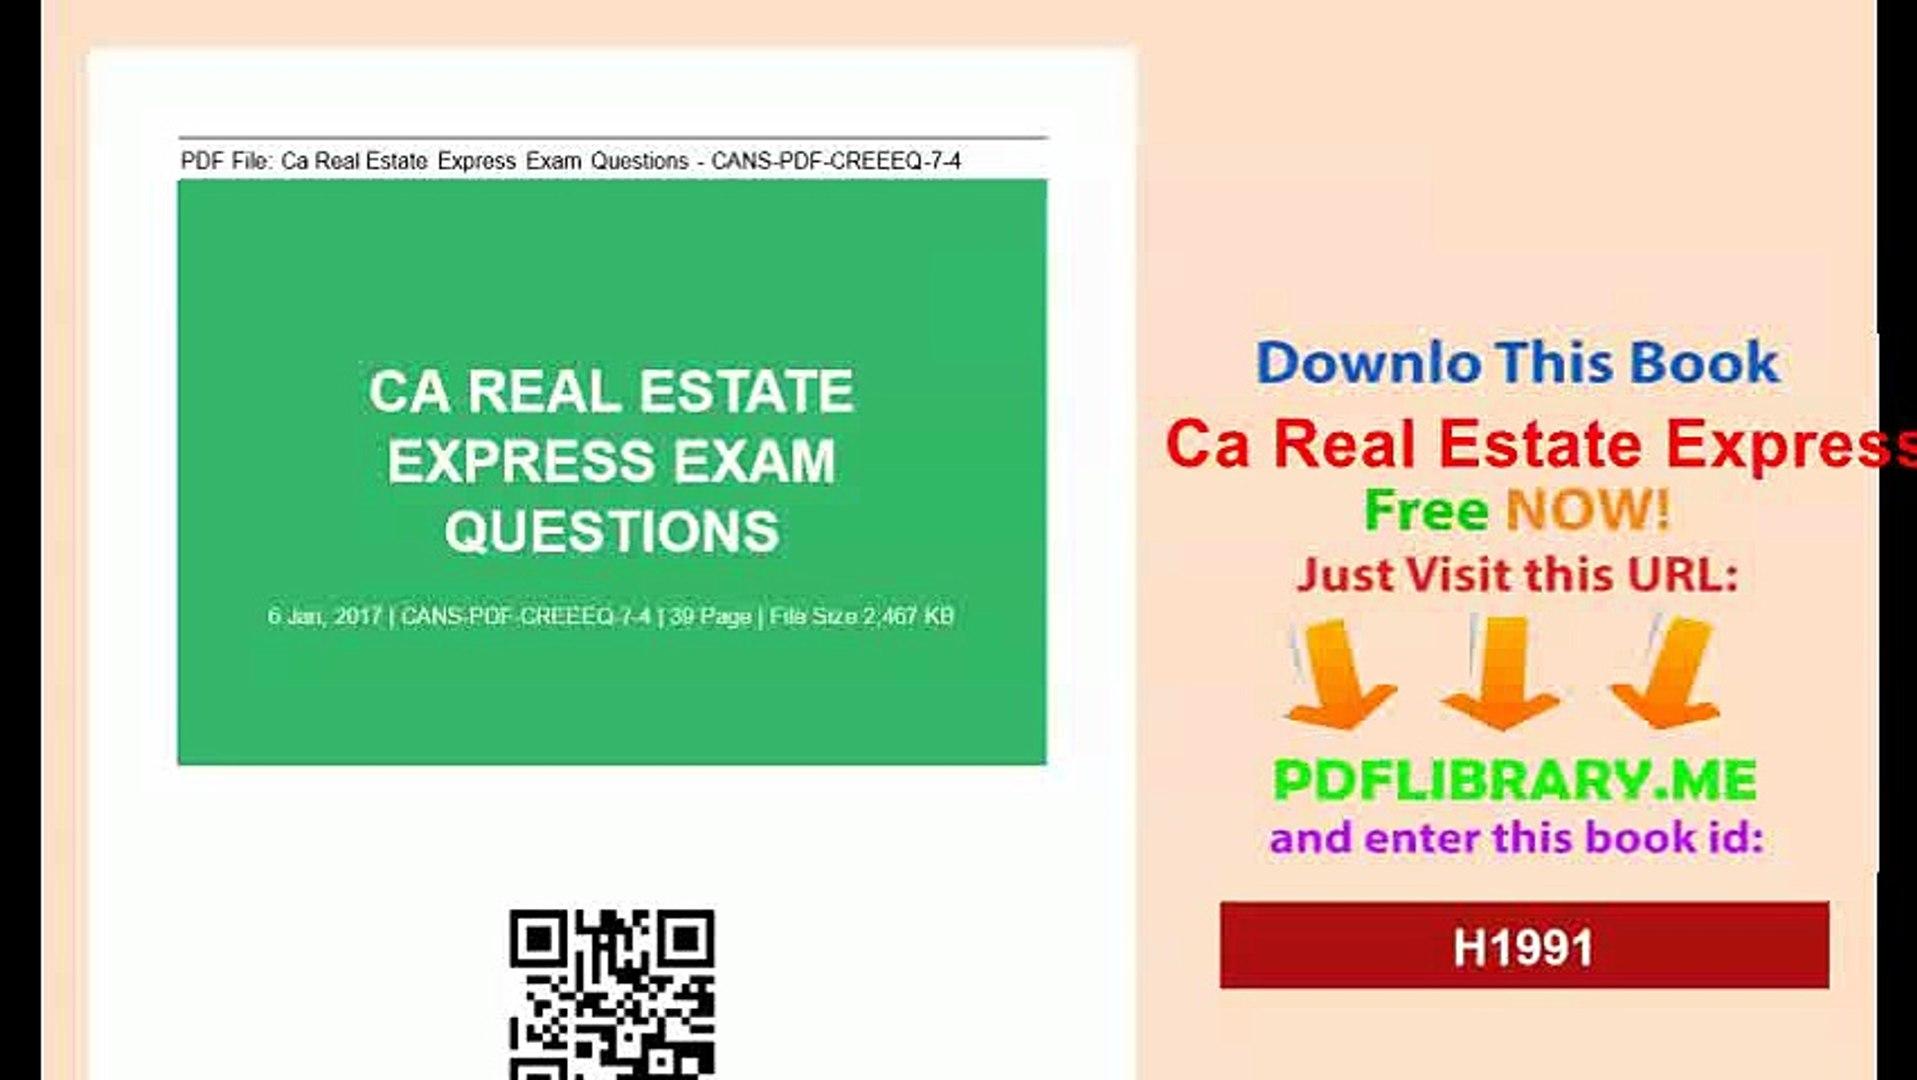 [PDF] Ca Real Estate Express Exam Questionsmp4 [DOWNLO4D]